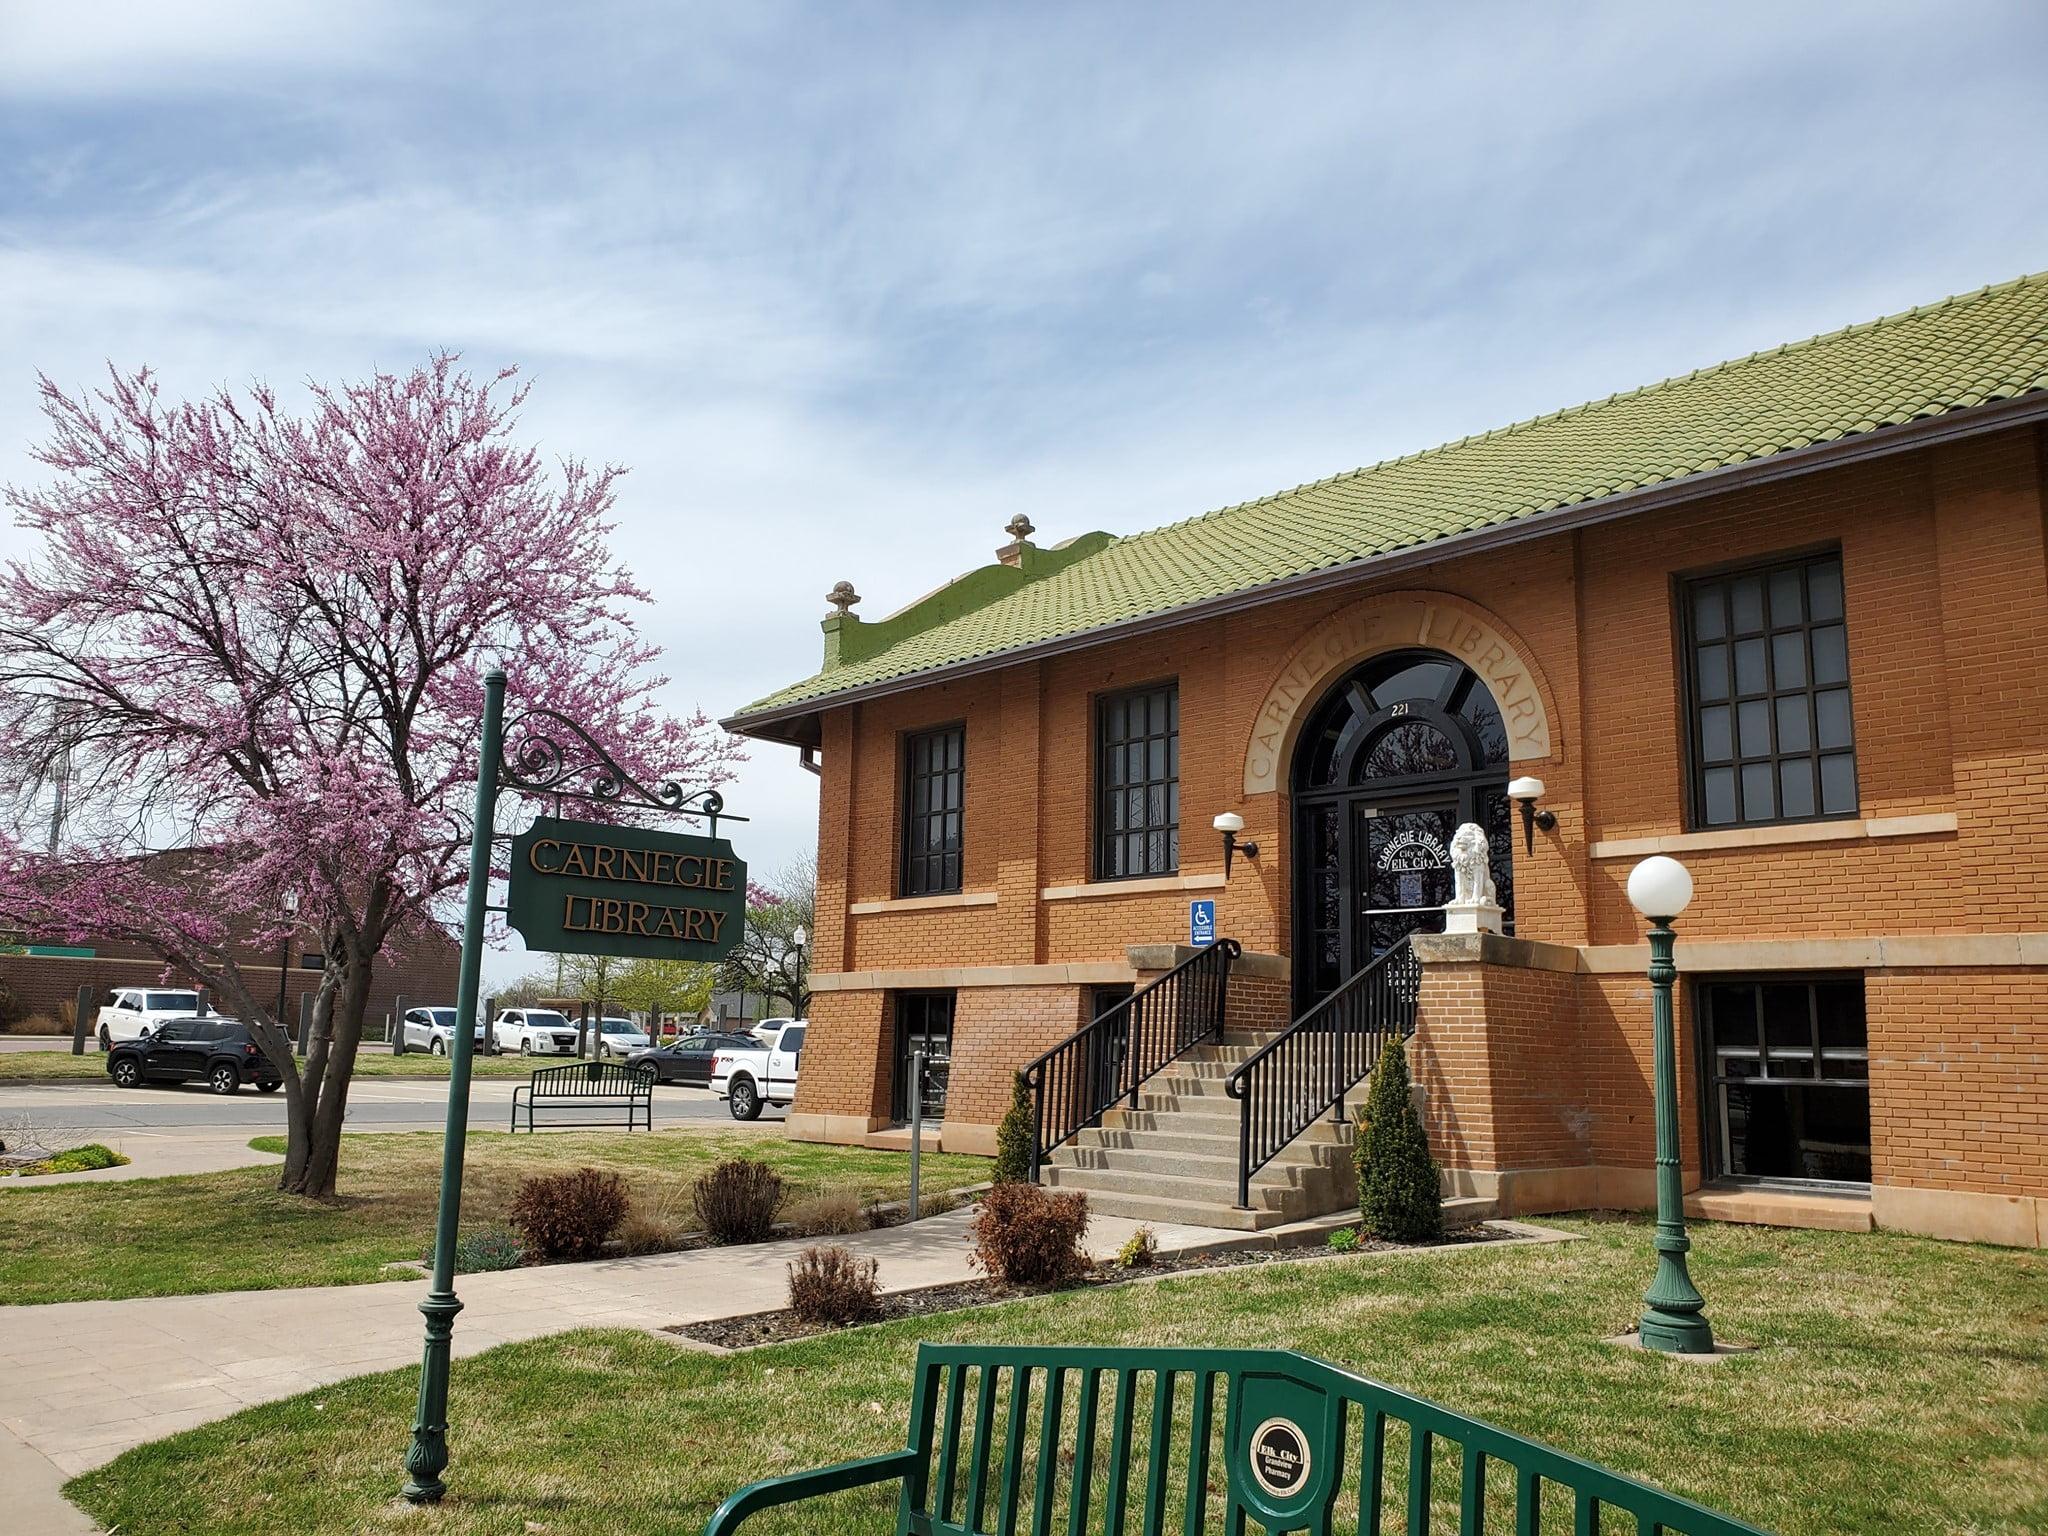 Elk City Carnegie Library